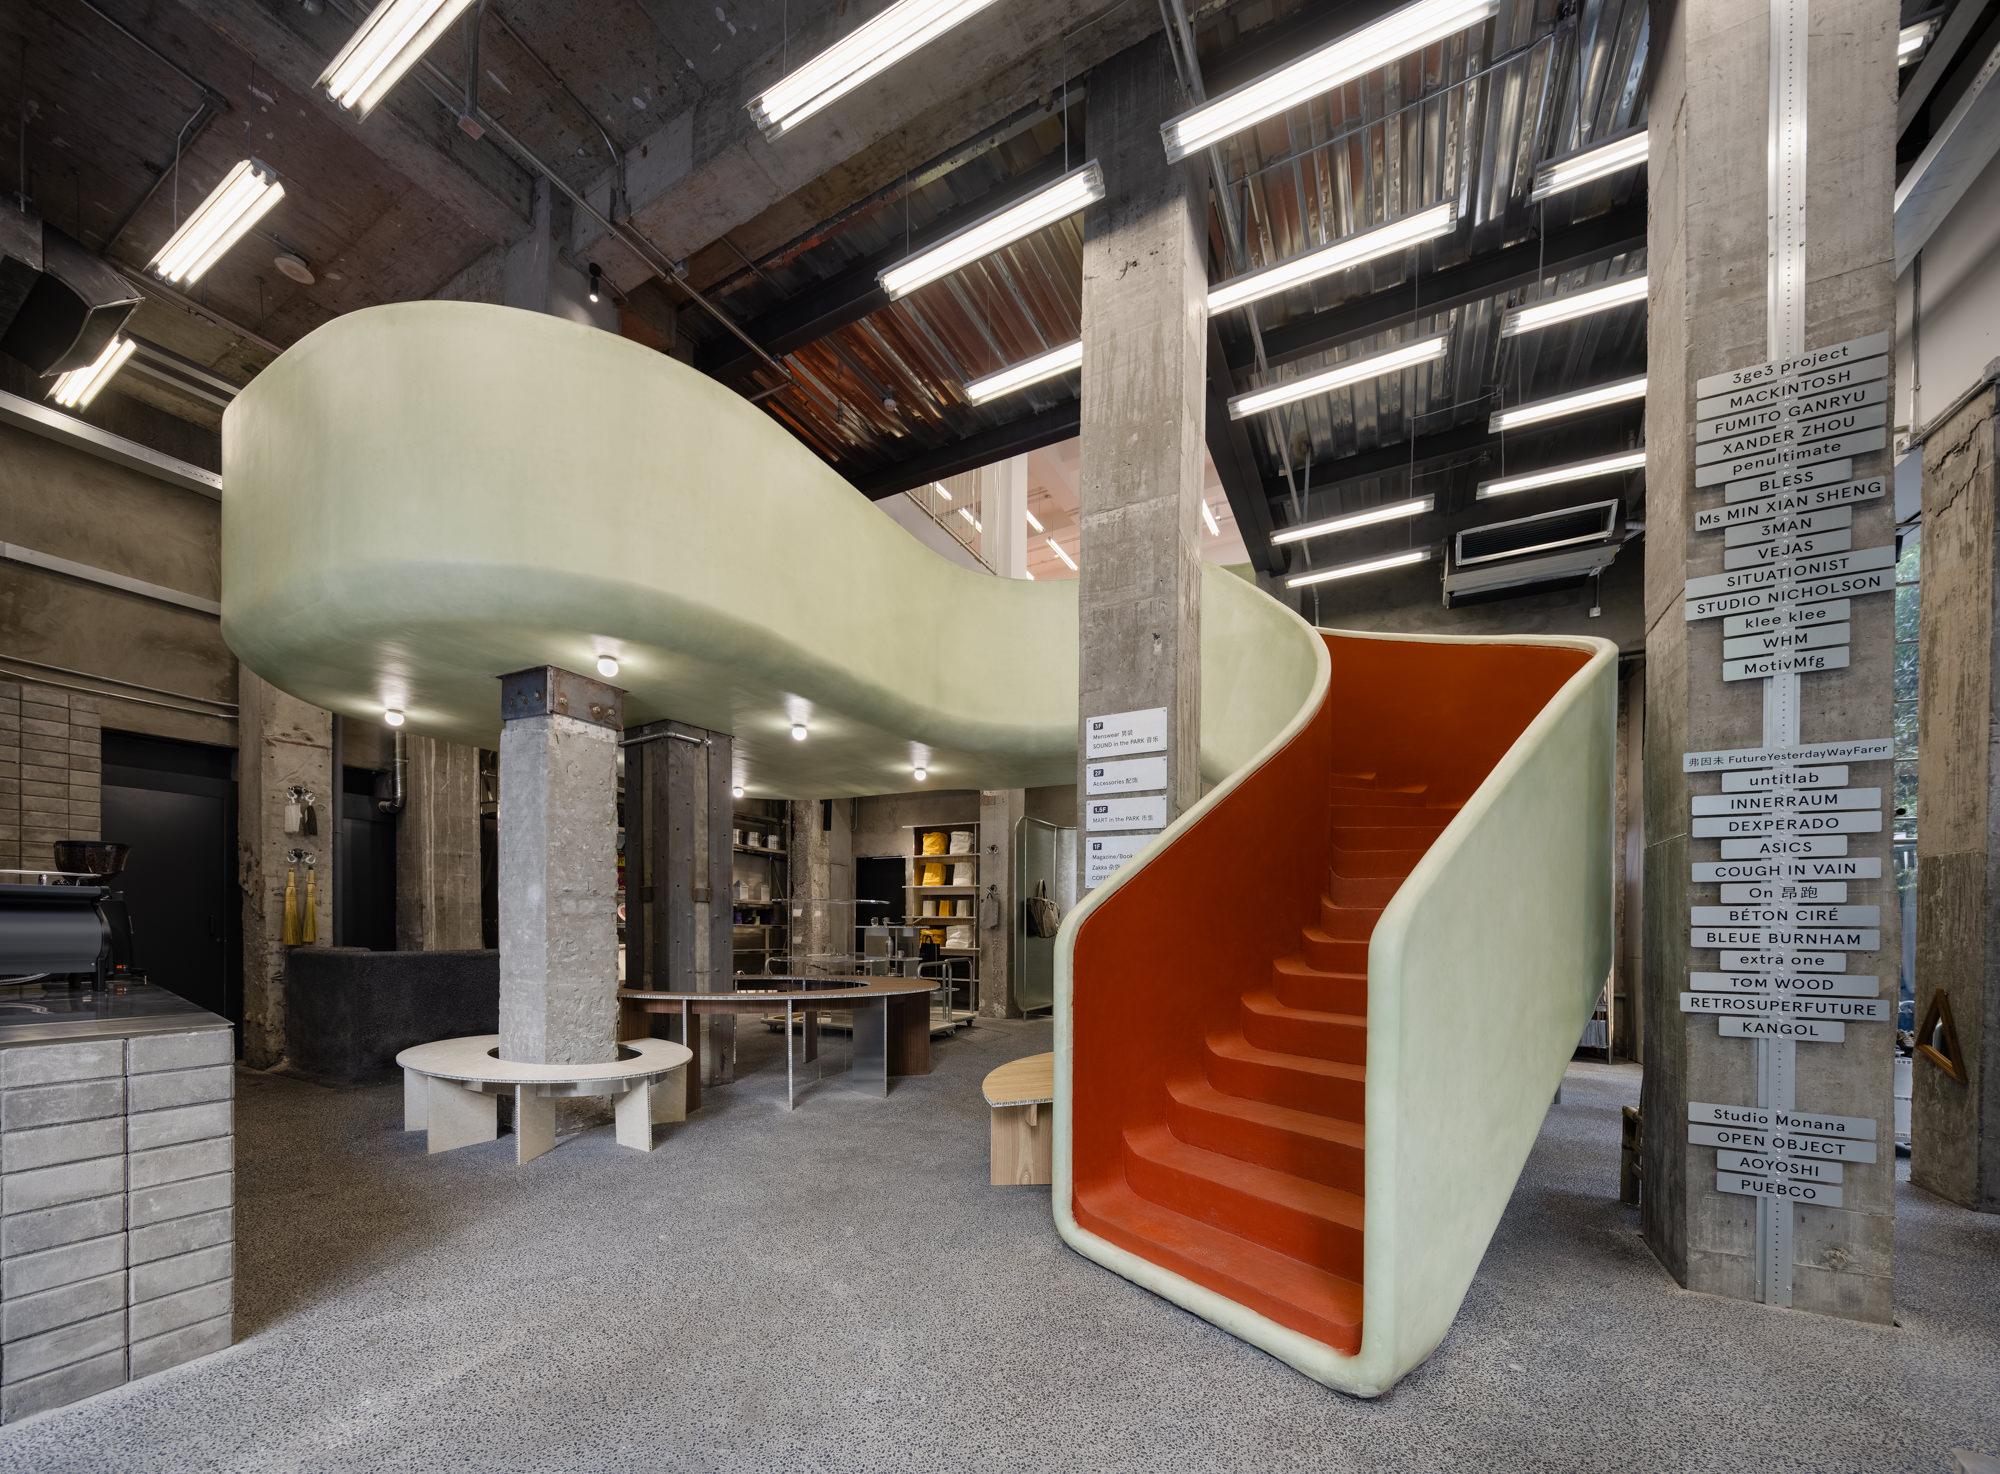 AIM Architecture Blurs Indoor & Outdoor Boundaries at this Mini Department Store in Shanghai.